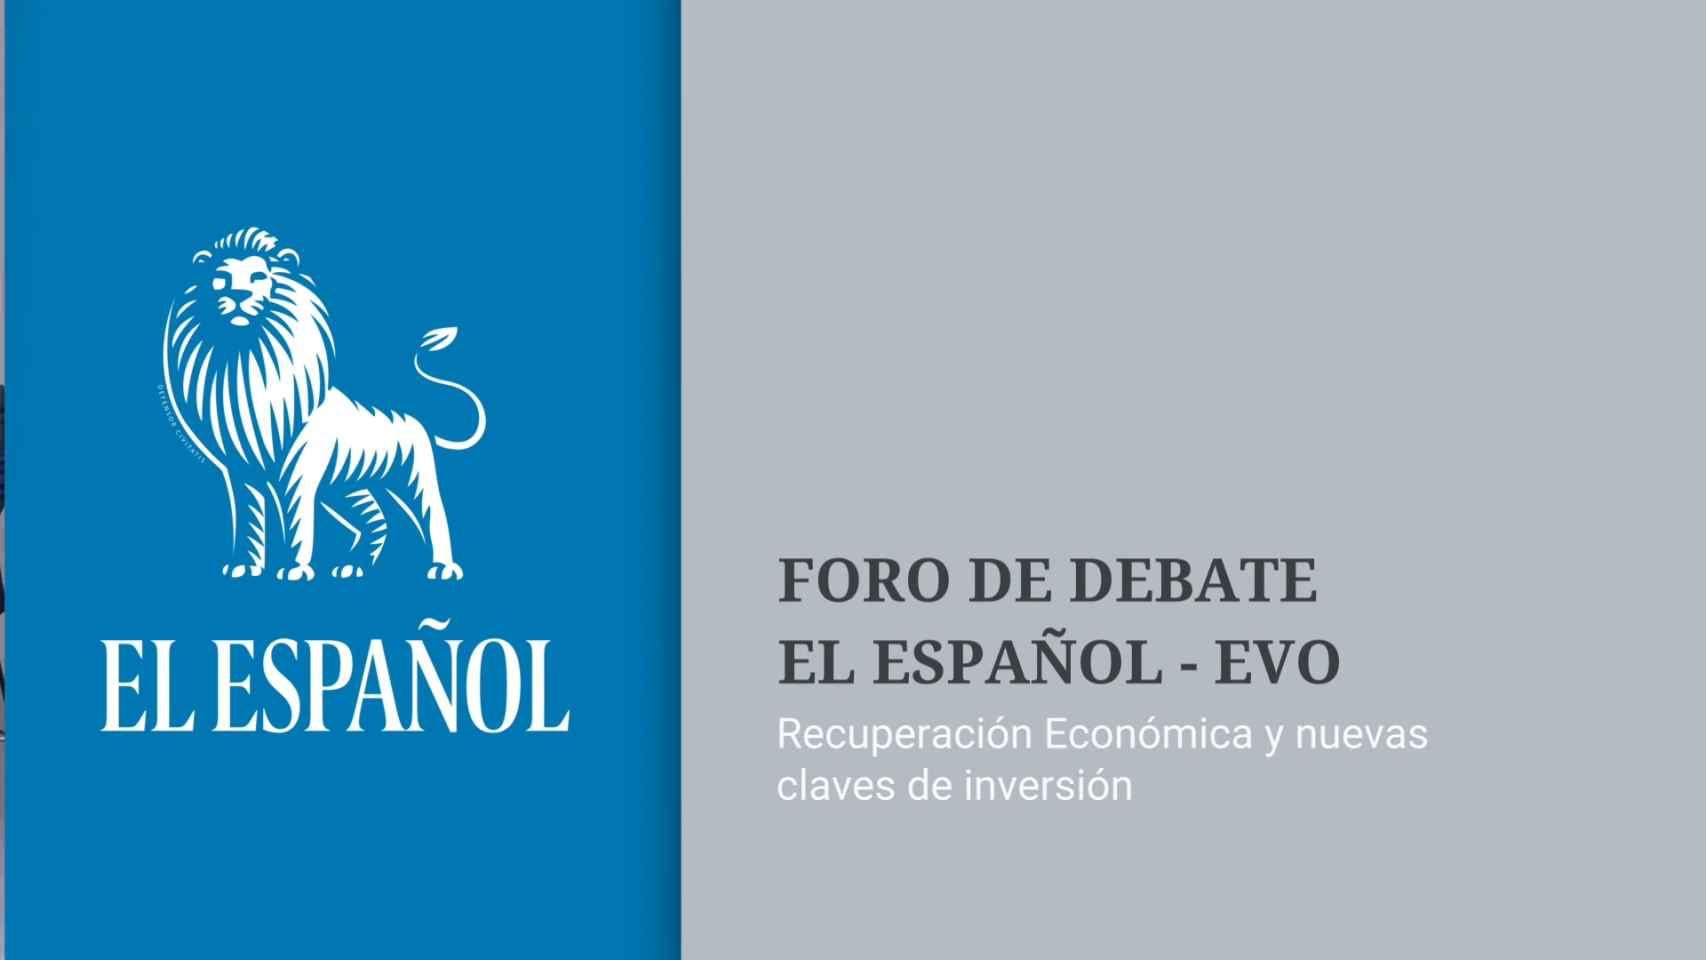 EL ESPAÑOL - EVO BANCO- FORO DE DEBATE: RECUPERACIÓN ECONÓMICA Y NUEVAS CLAVES DE INVERSIÓN